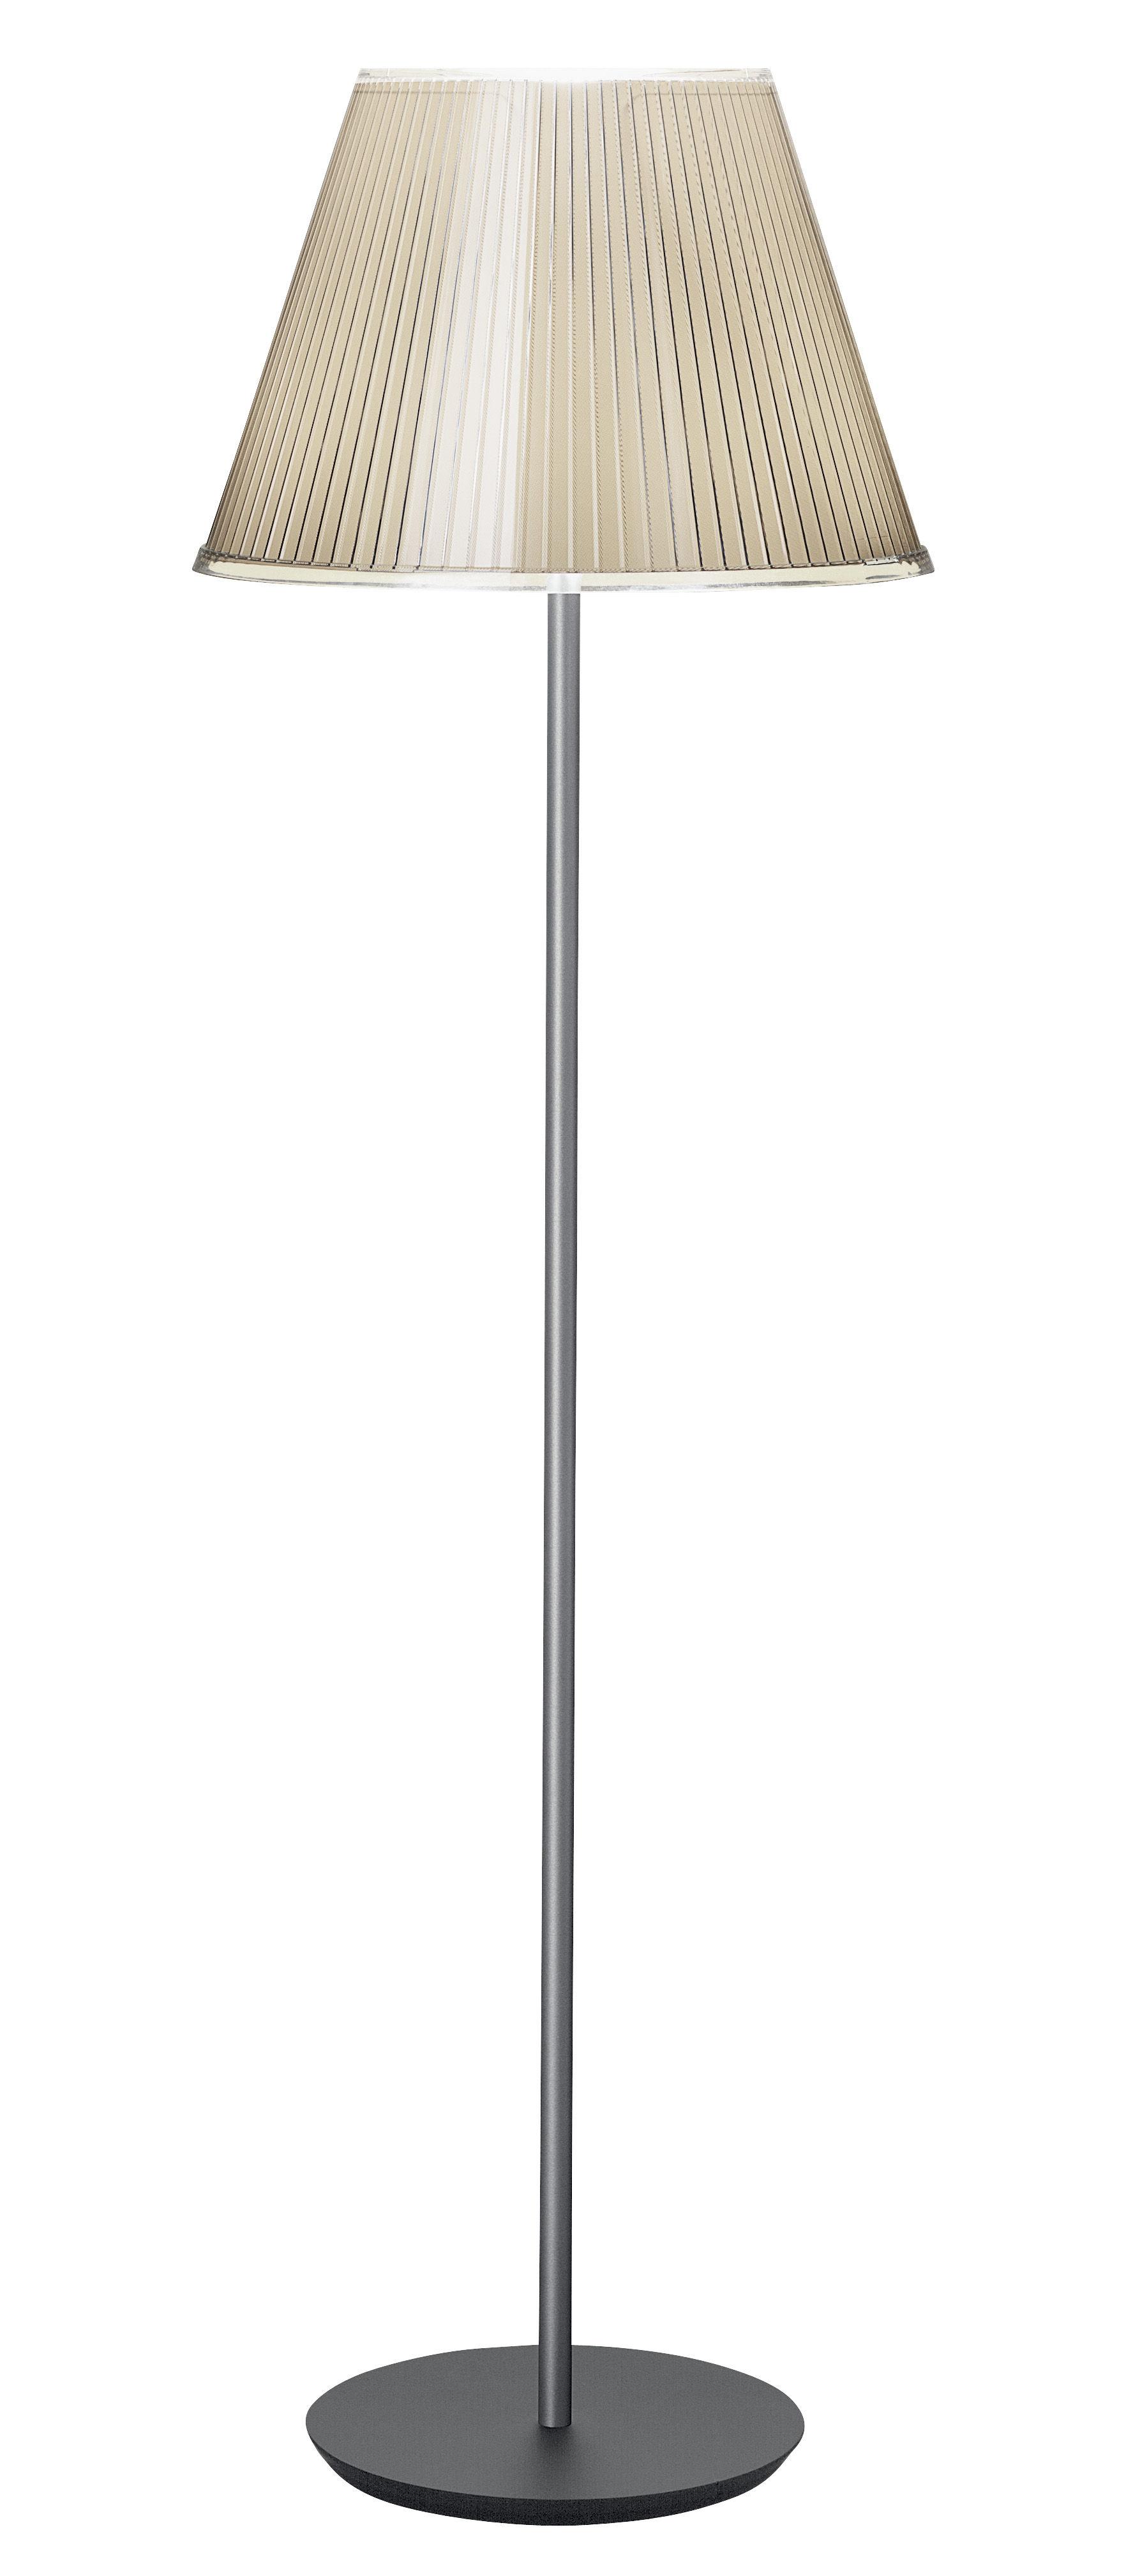 Lighting - Floor lamps - Choose Floor lamp - Halogen version by Artemide - Parchment paper / Halogen - Metal, Parchment paper, Polycarbonate